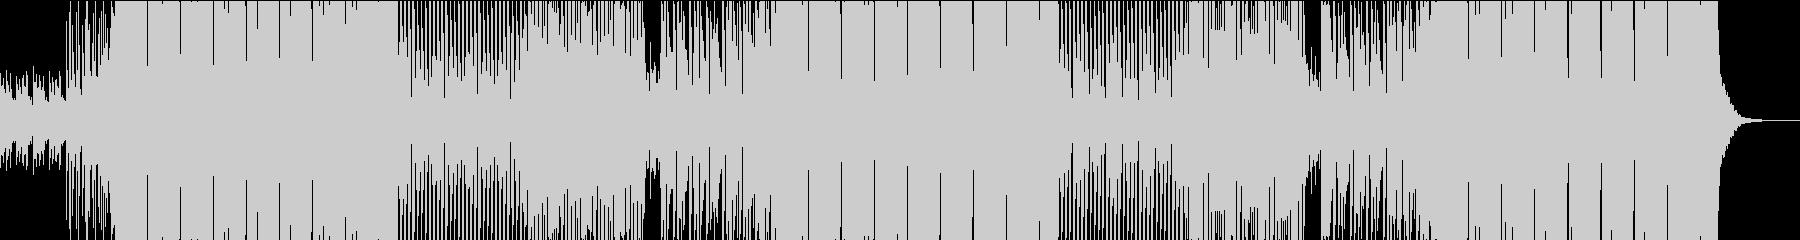 フロアが揺れ盛り上がるクラブ系EDMの未再生の波形